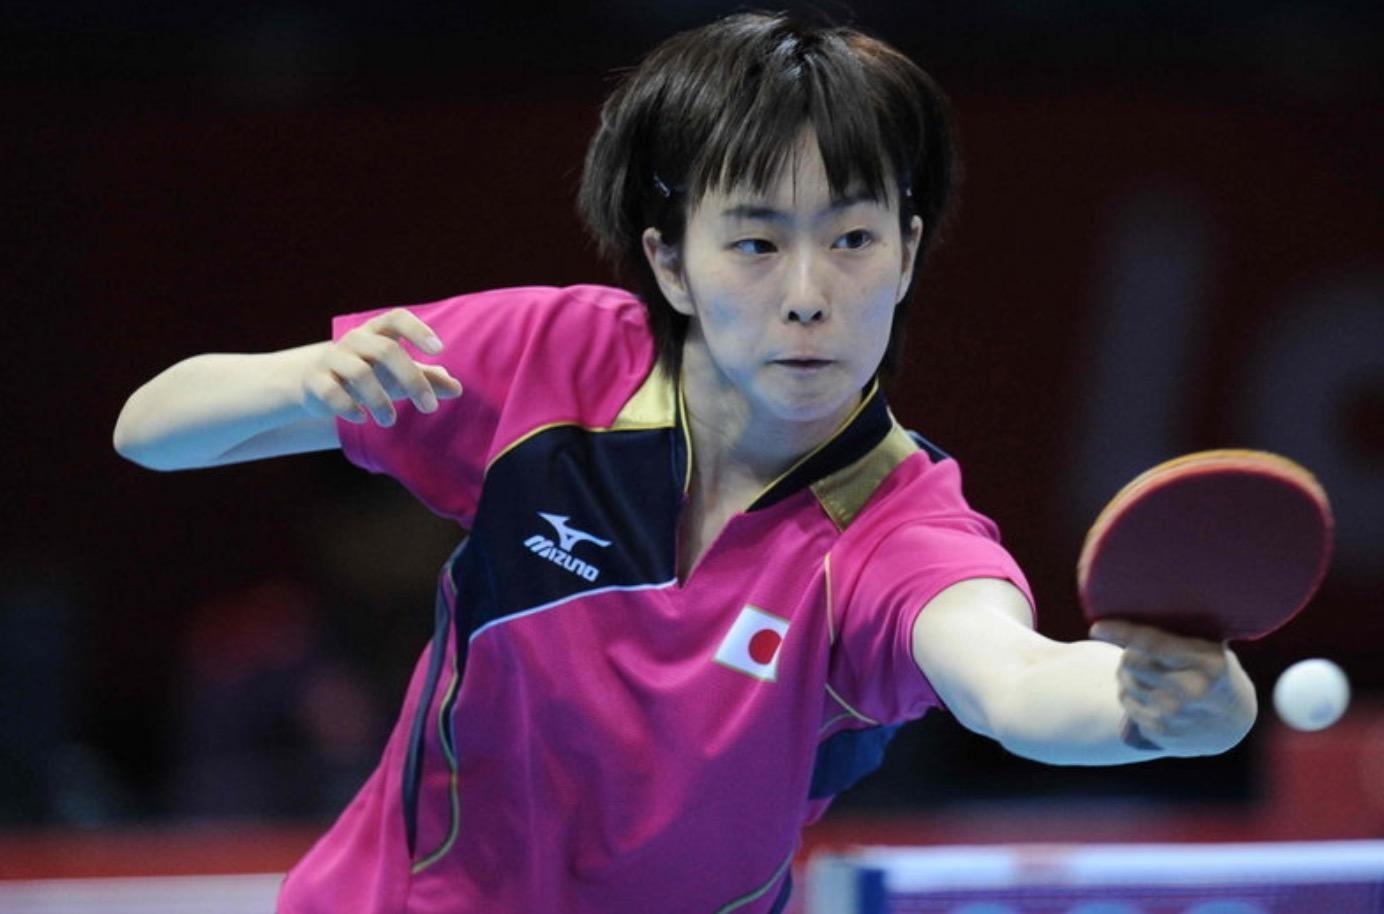 日本16人吊打全世界包揽16强夺冠 国乒0人参赛